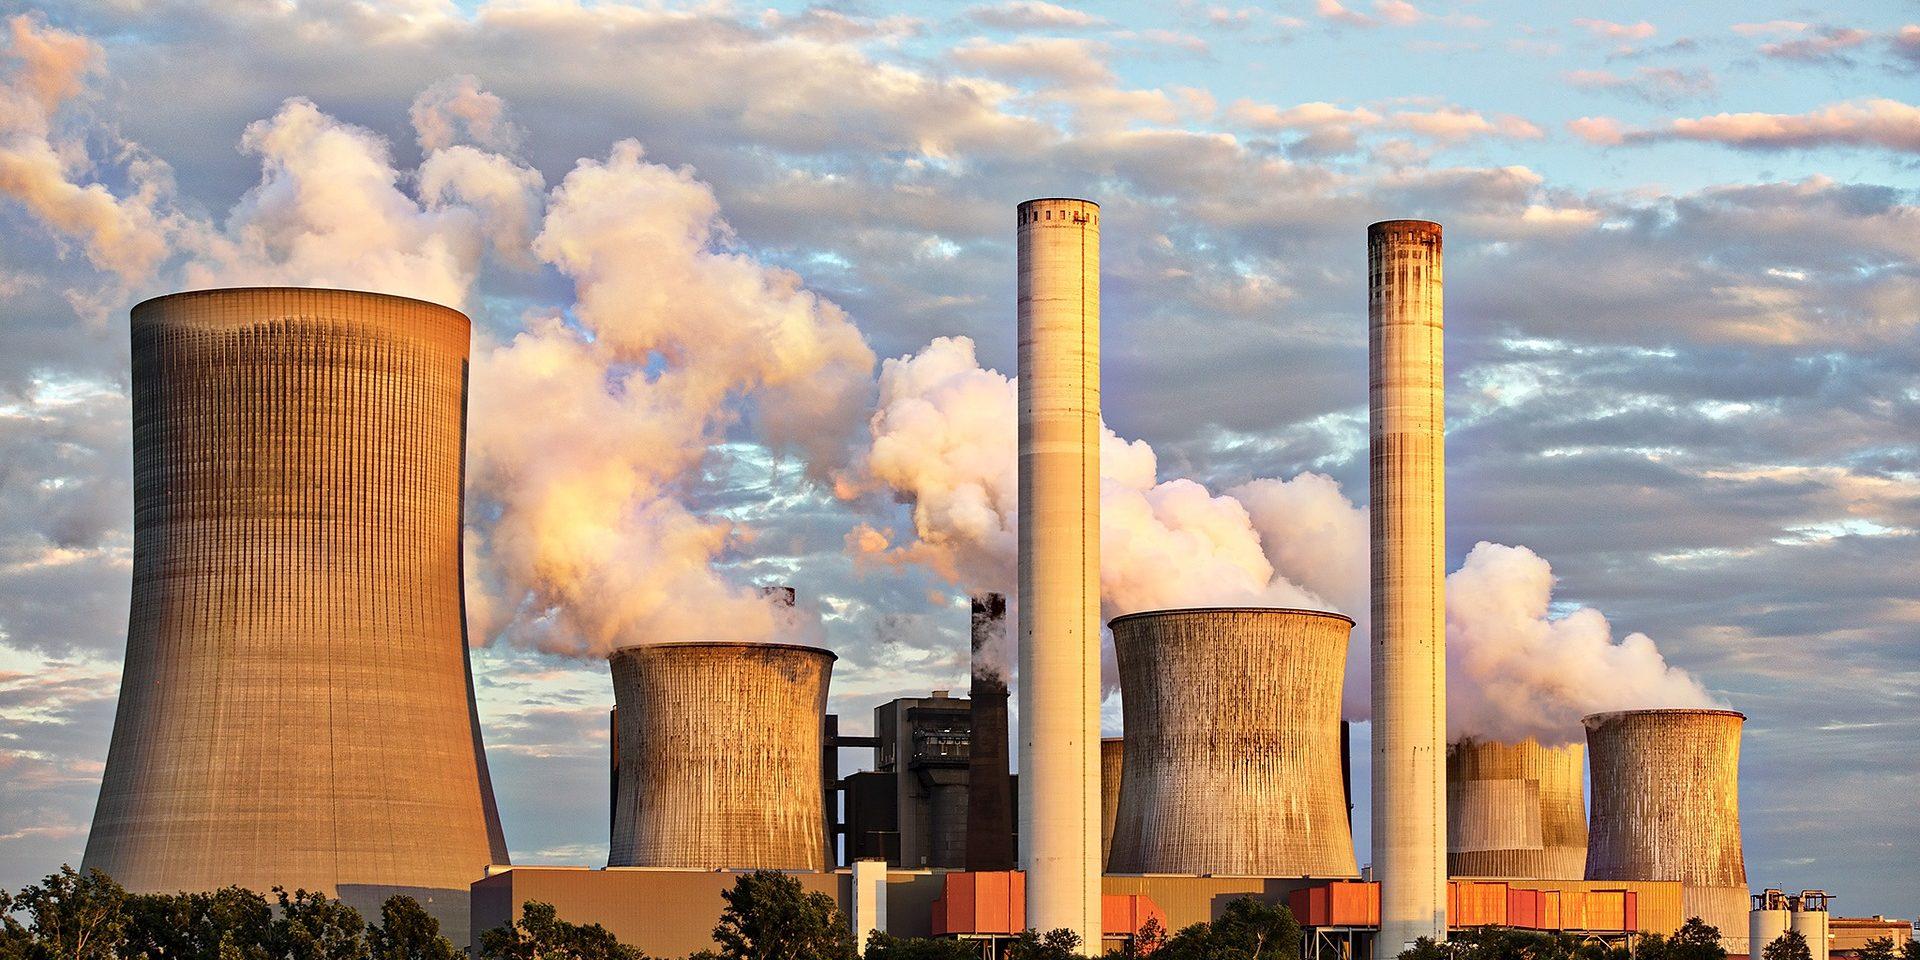 IMAGEM: Produção industrial cai em abril e fica abaixo do patamar pré-pandemia